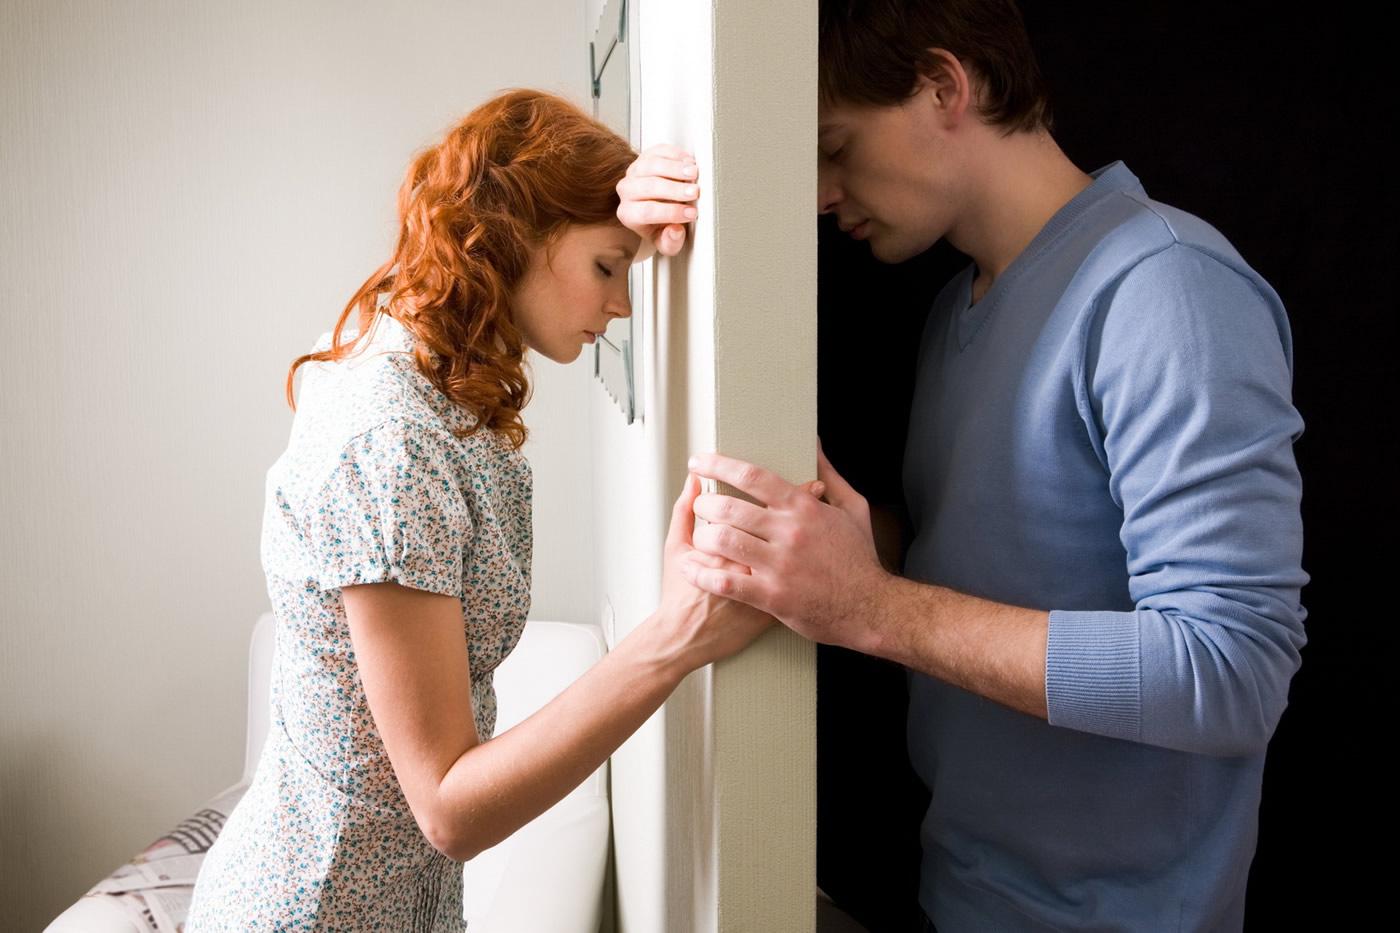 Tâm sự thầm kín của phụ nữ ngoại tình chưa bao giờ là lẽ đúng? - Ảnh 2